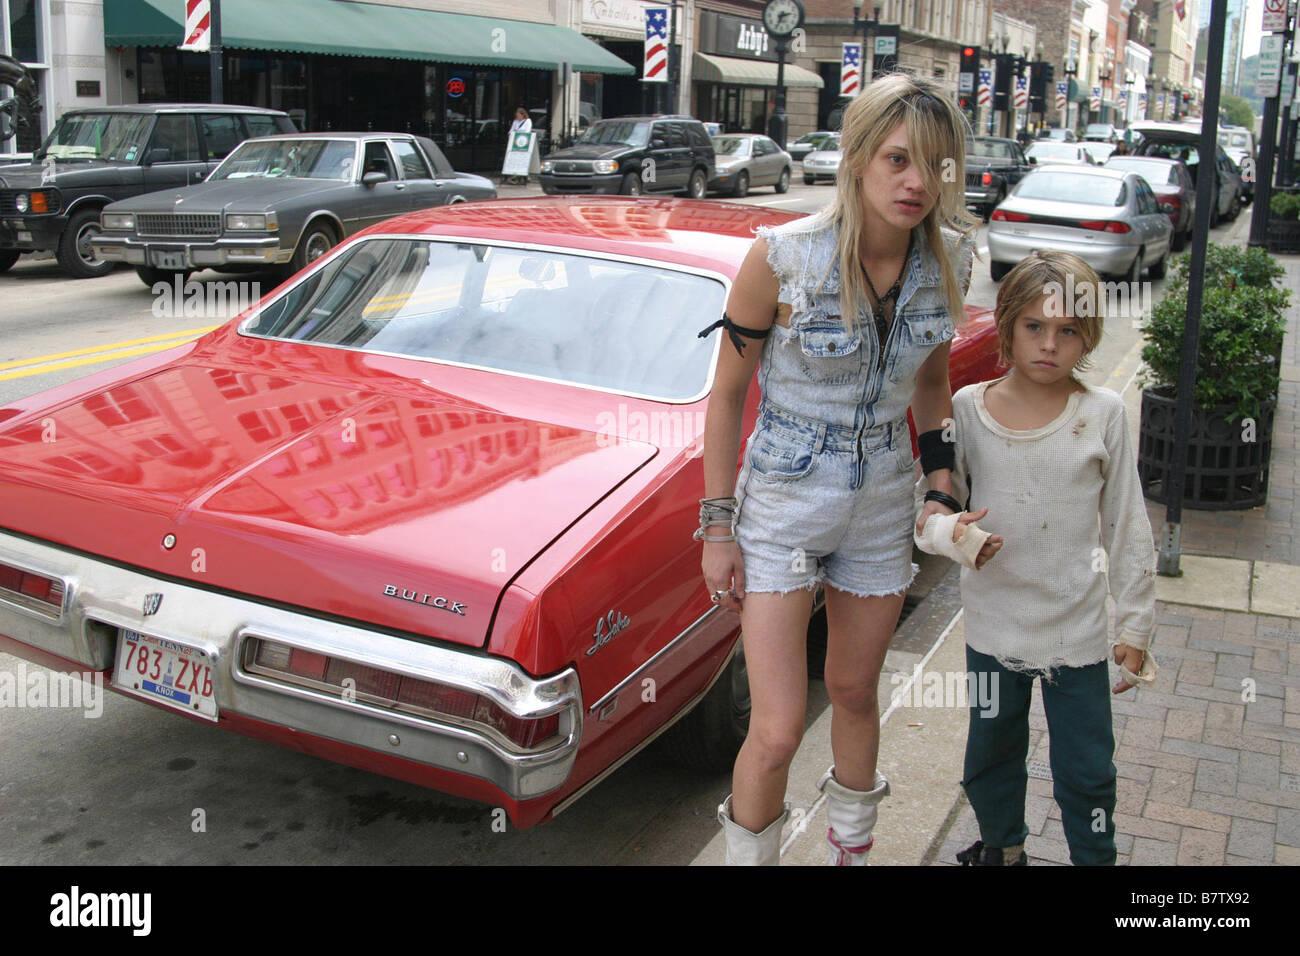 LE LIVRE DE Jérémie le coeur est trompeur par-dessus toutes choses 2004 - uk usa Asia Argento realisateur: Photo Stock